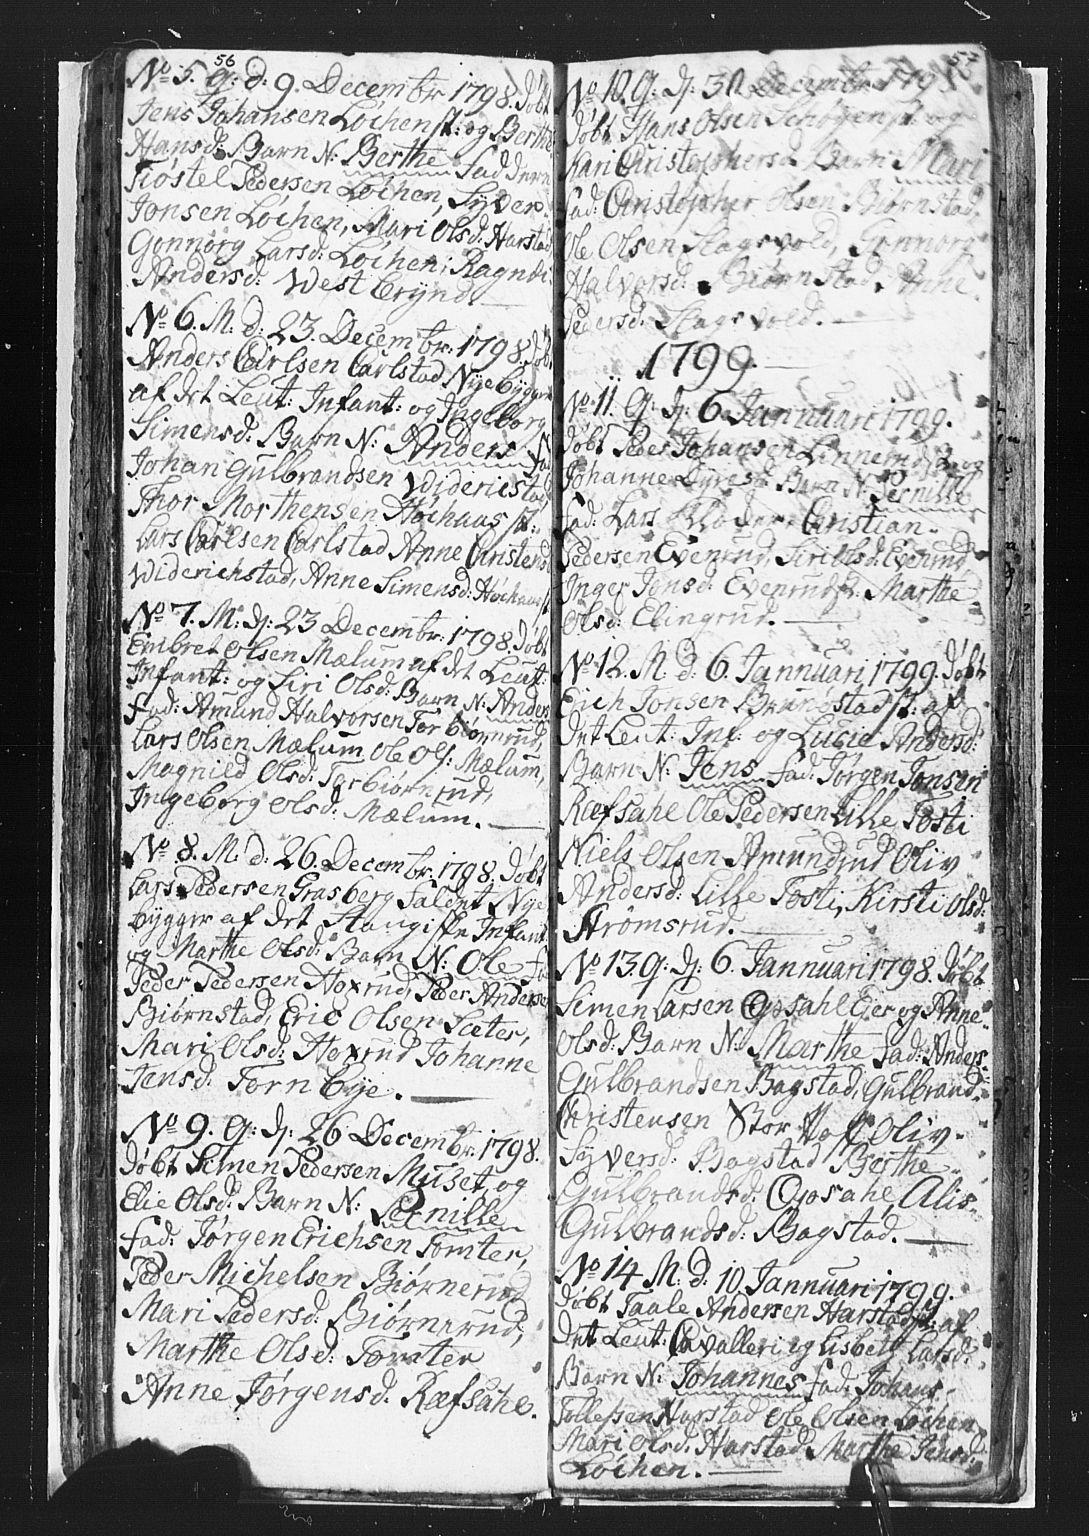 SAH, Romedal prestekontor, L/L0002: Klokkerbok nr. 2, 1795-1800, s. 56-57